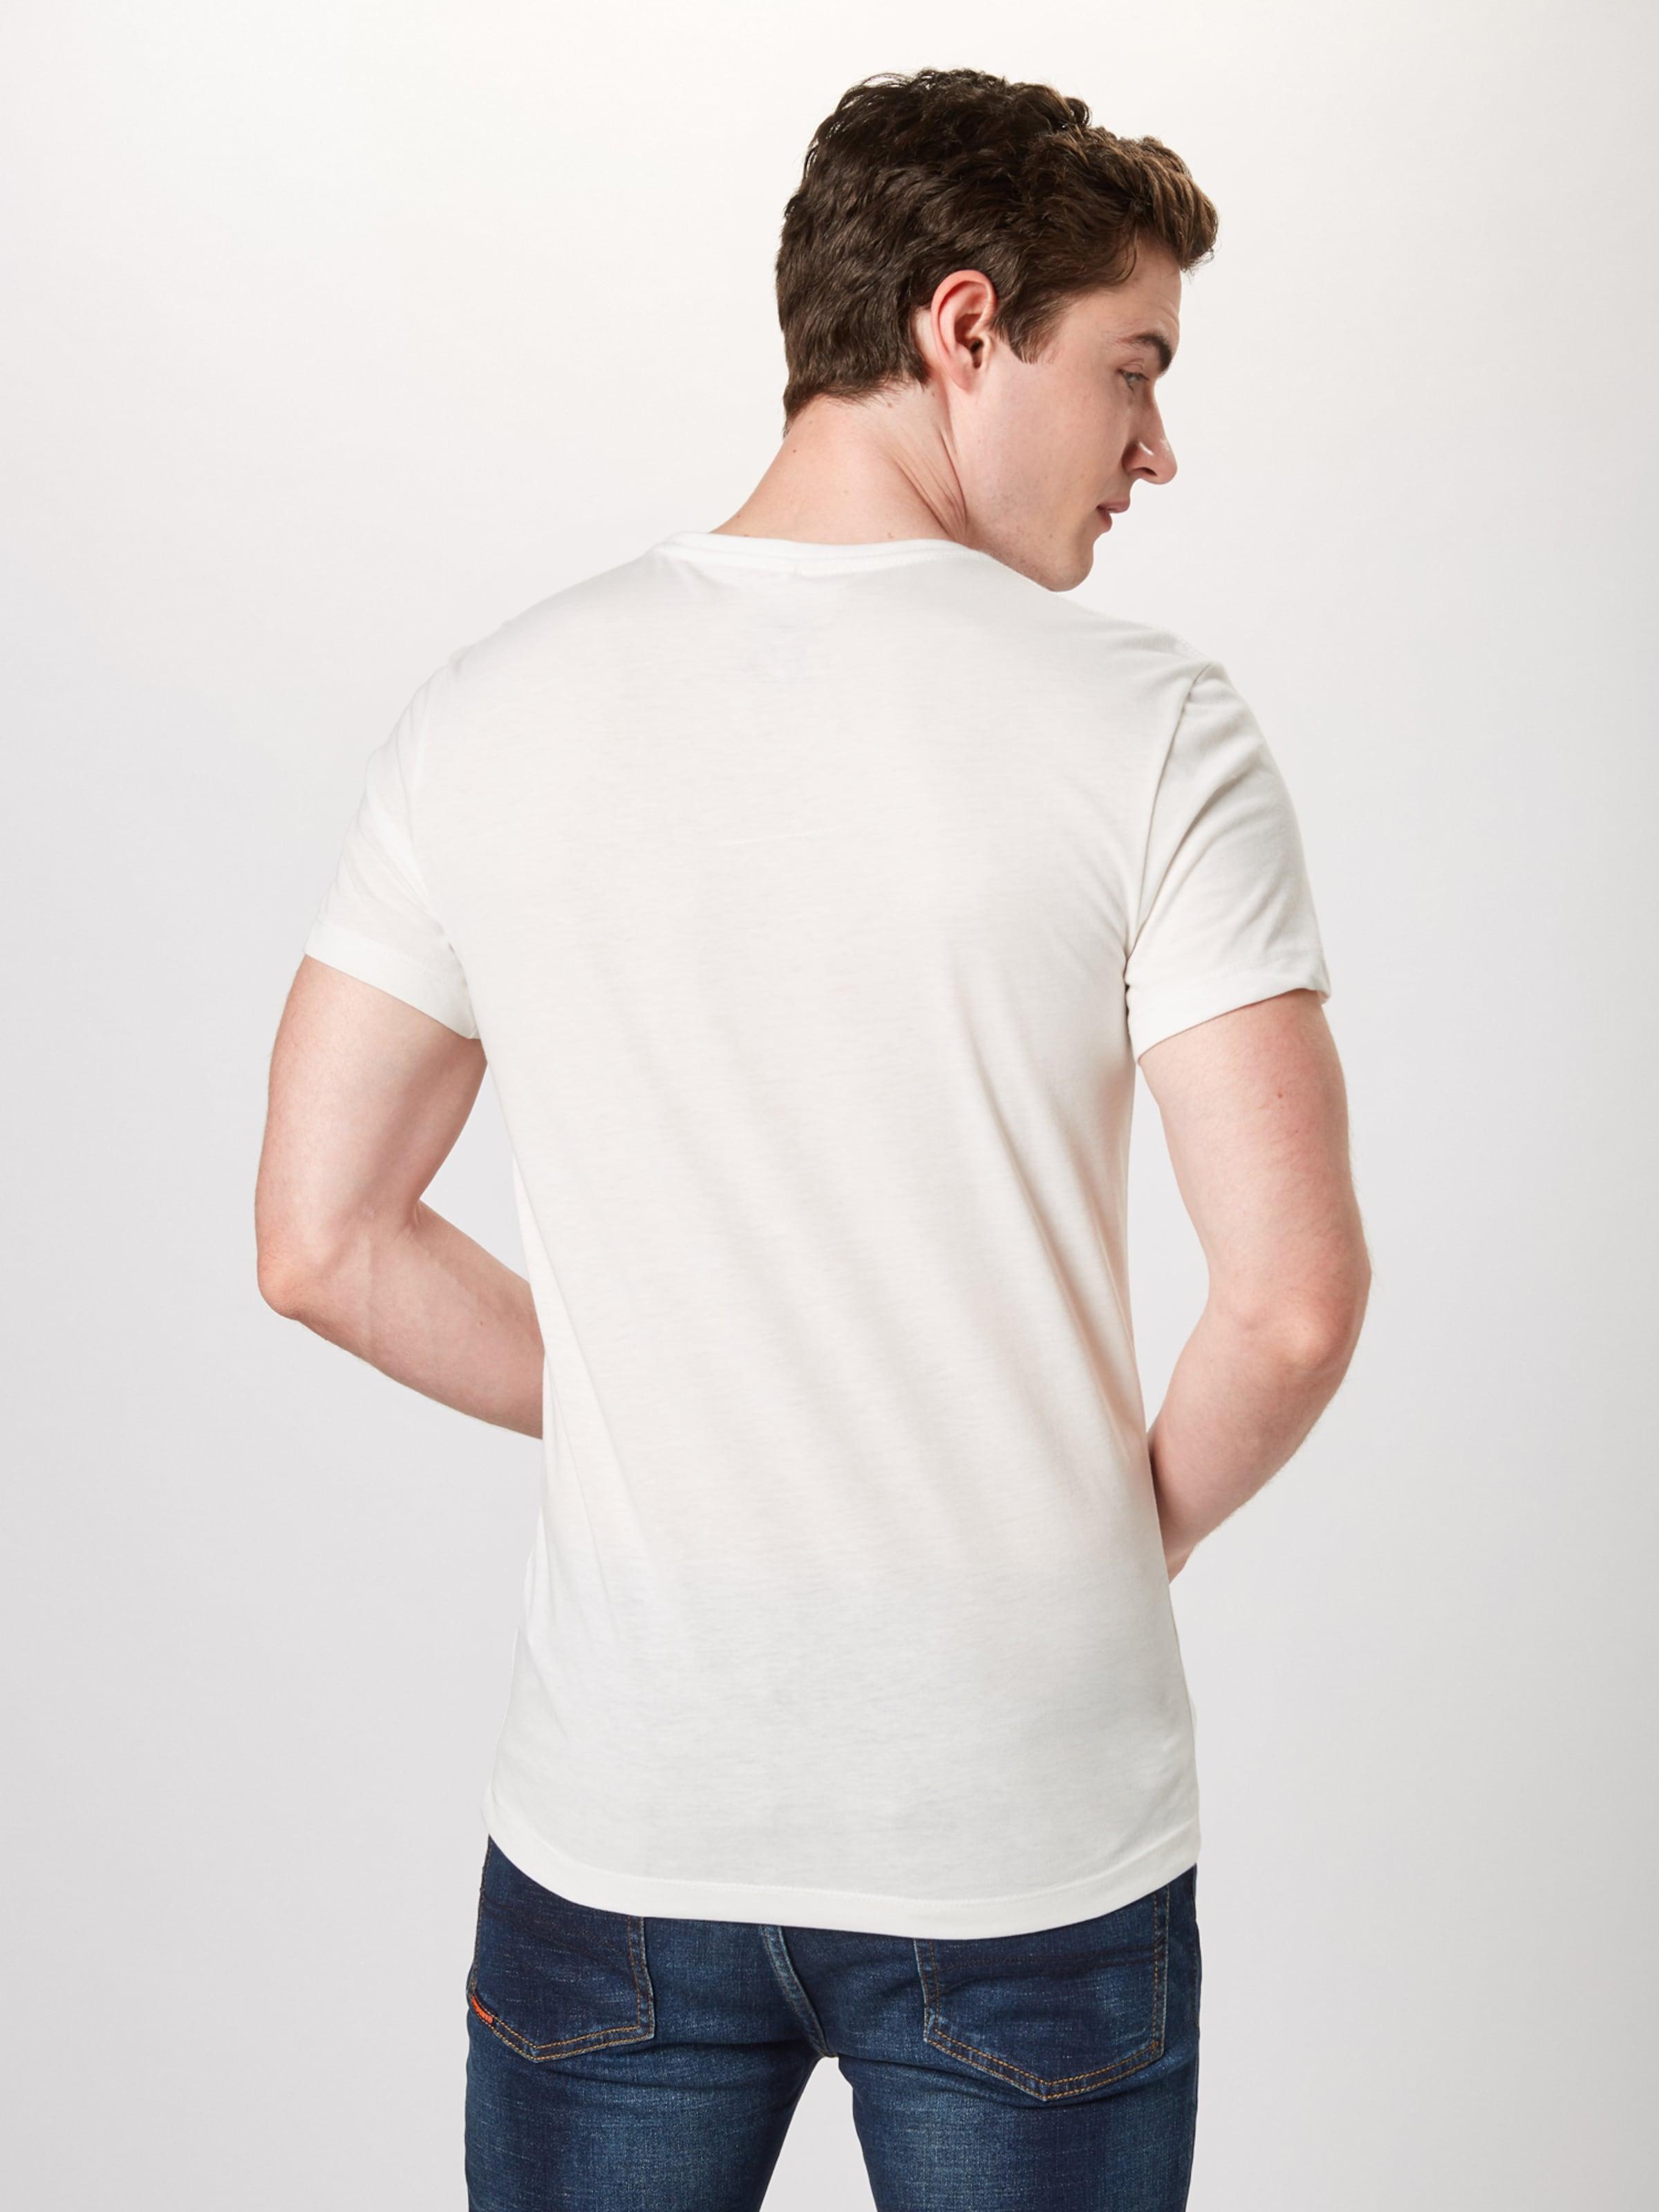 CouleursBlanc shirt De Cassé Blend En Mélange T 1c3KlFJT